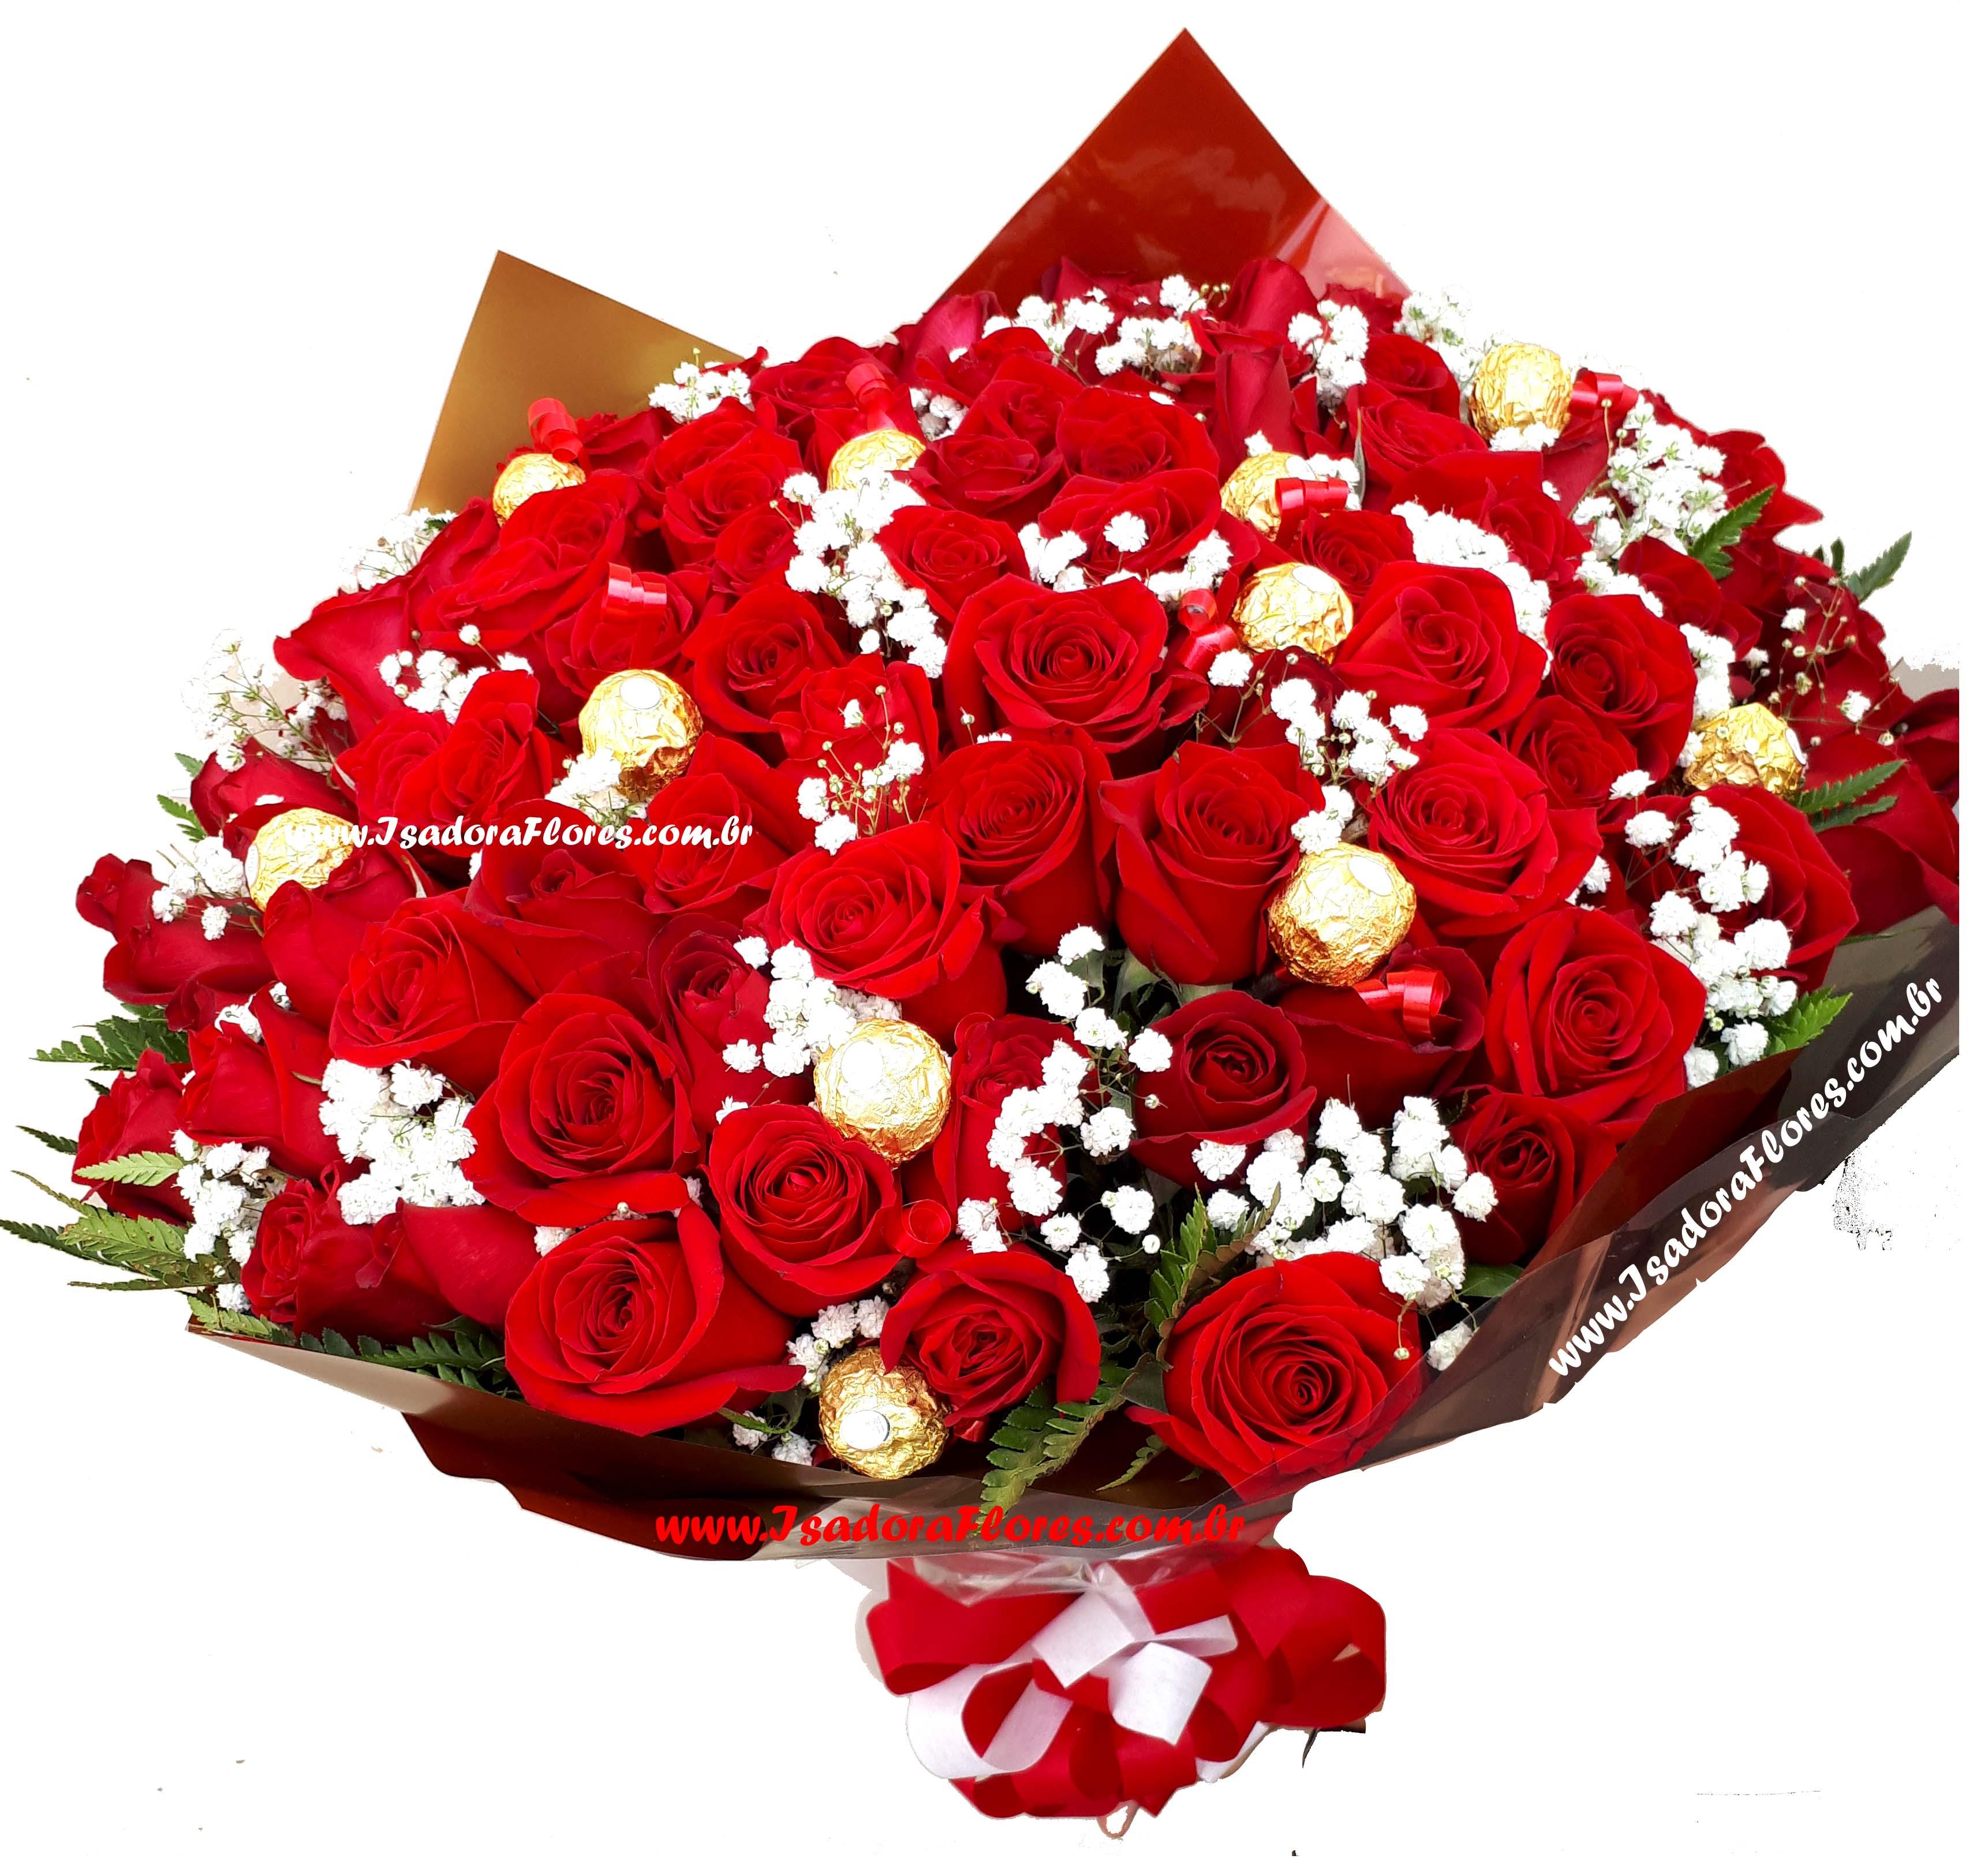 2216 Buquê Emoções 100 Rosas Colombianas